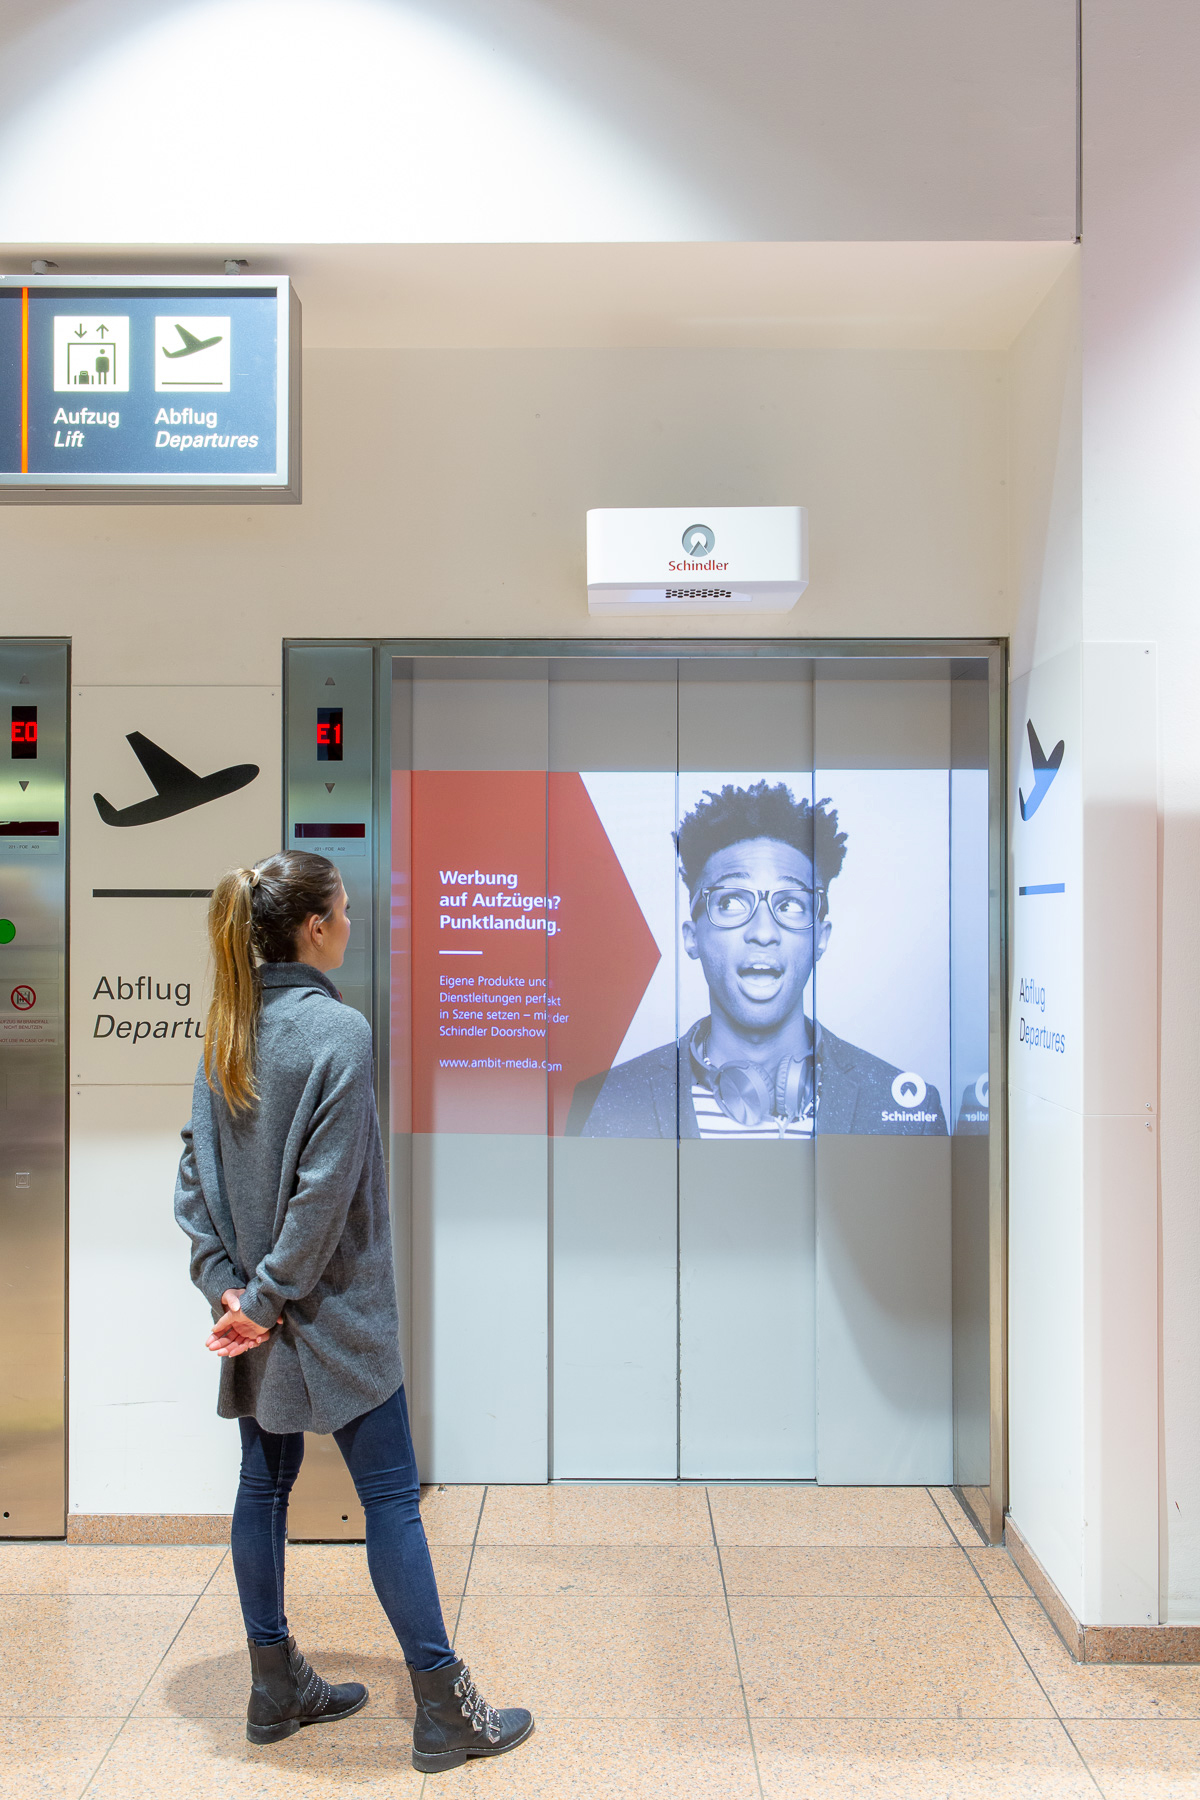 Schindler_DoorShow_Hamburg_Airport-034217